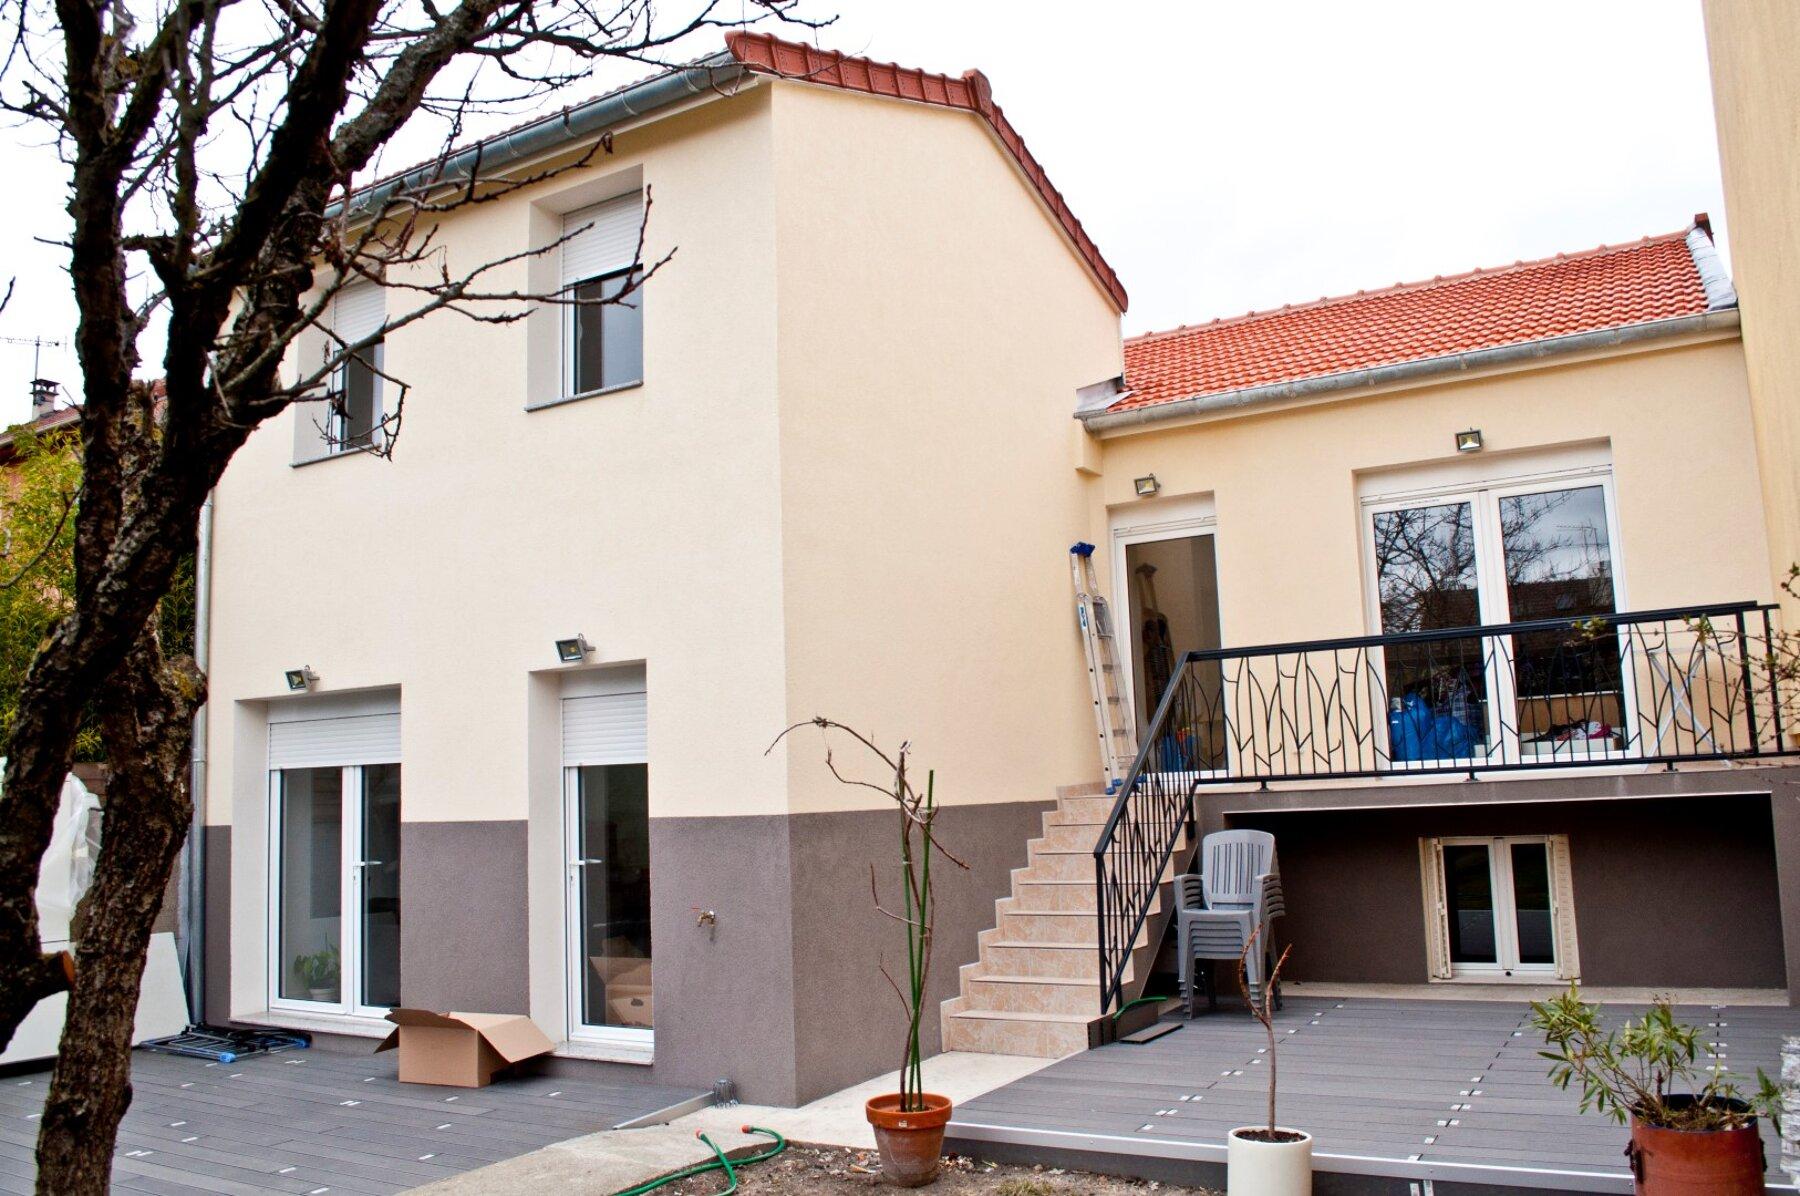 Maison à Drancy 2